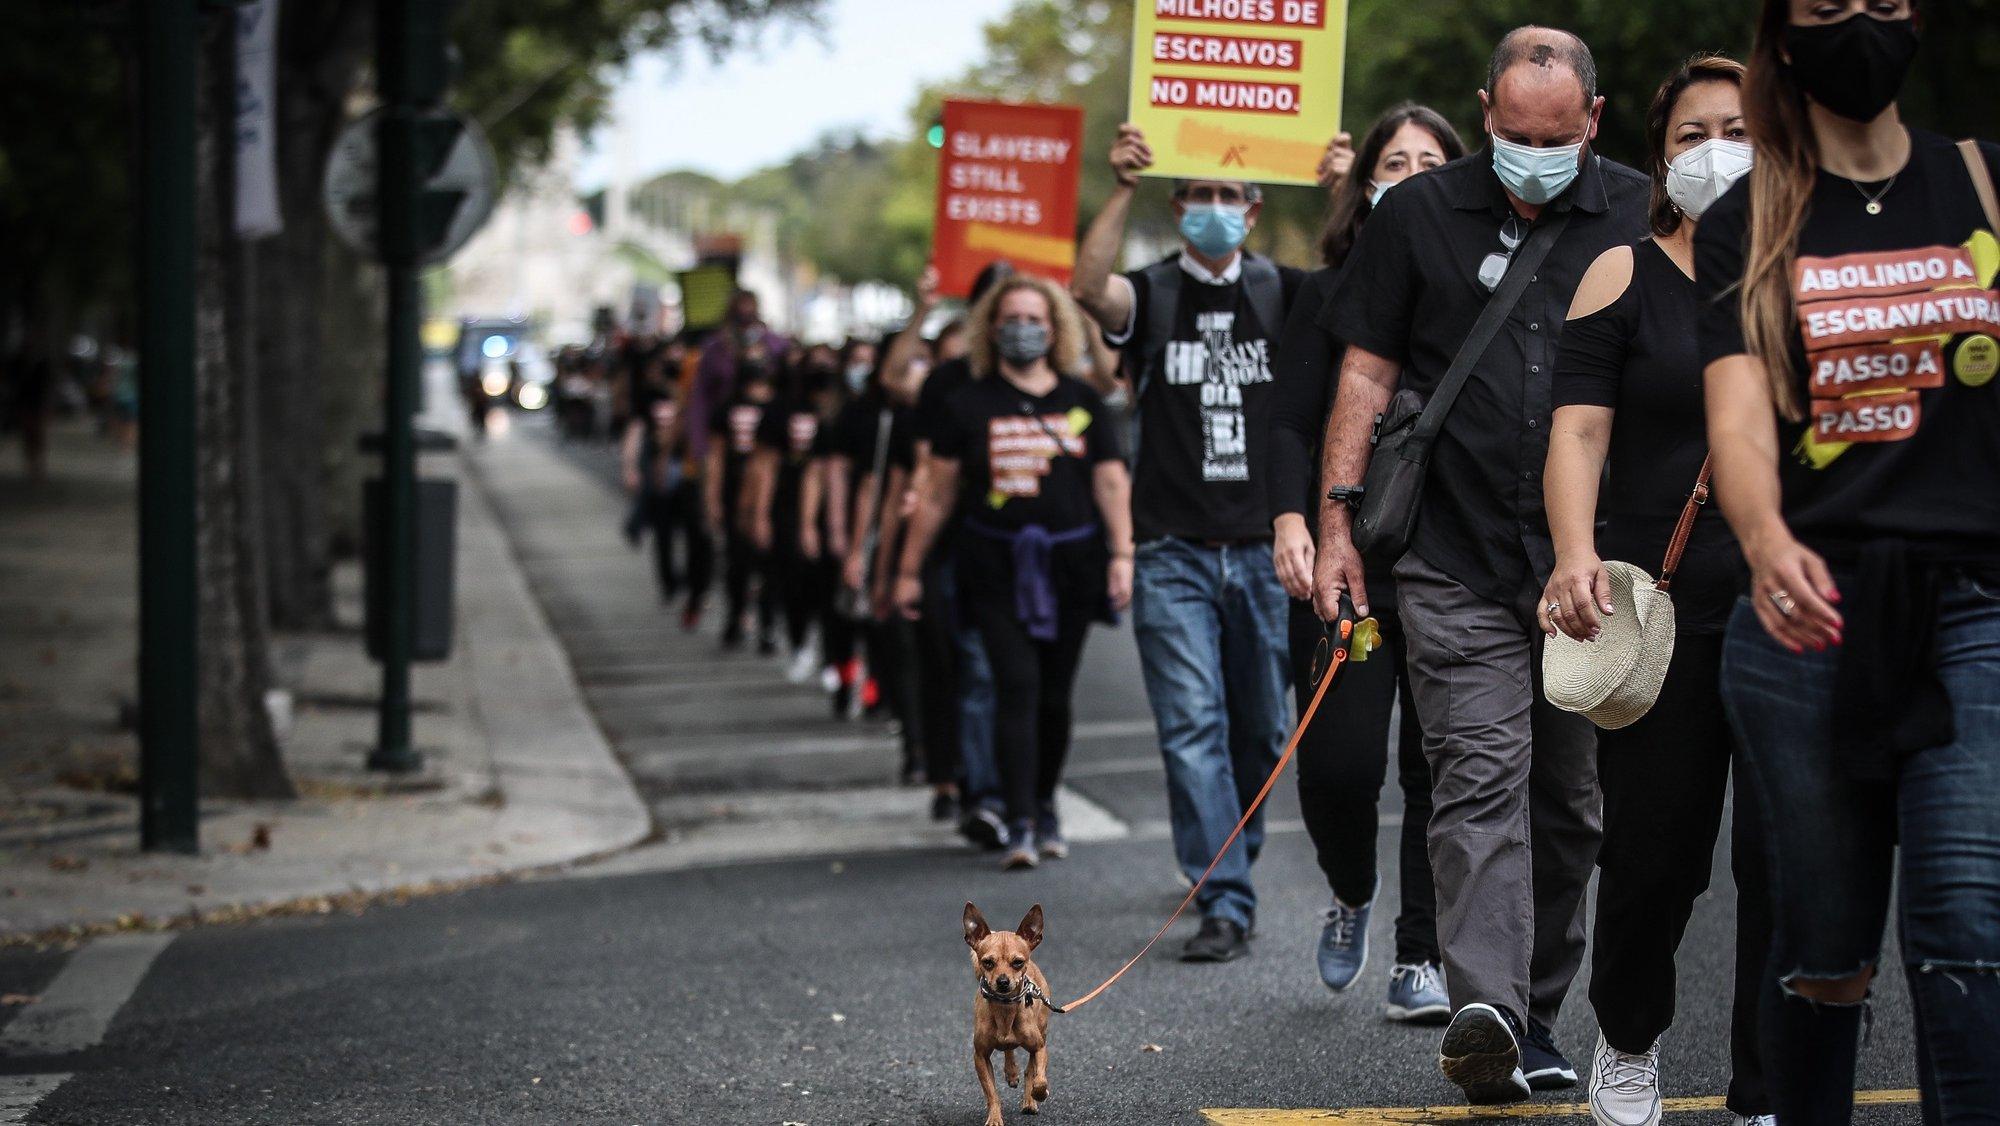 Pessoas participam na Walk For Freedom - Caminhar pela Liberdade, uma caminhada contra a escravatura e tráfico de pessoas, em Lisboa, 16 de outubro de 2021. MÁRIO CRUZ/LUSA